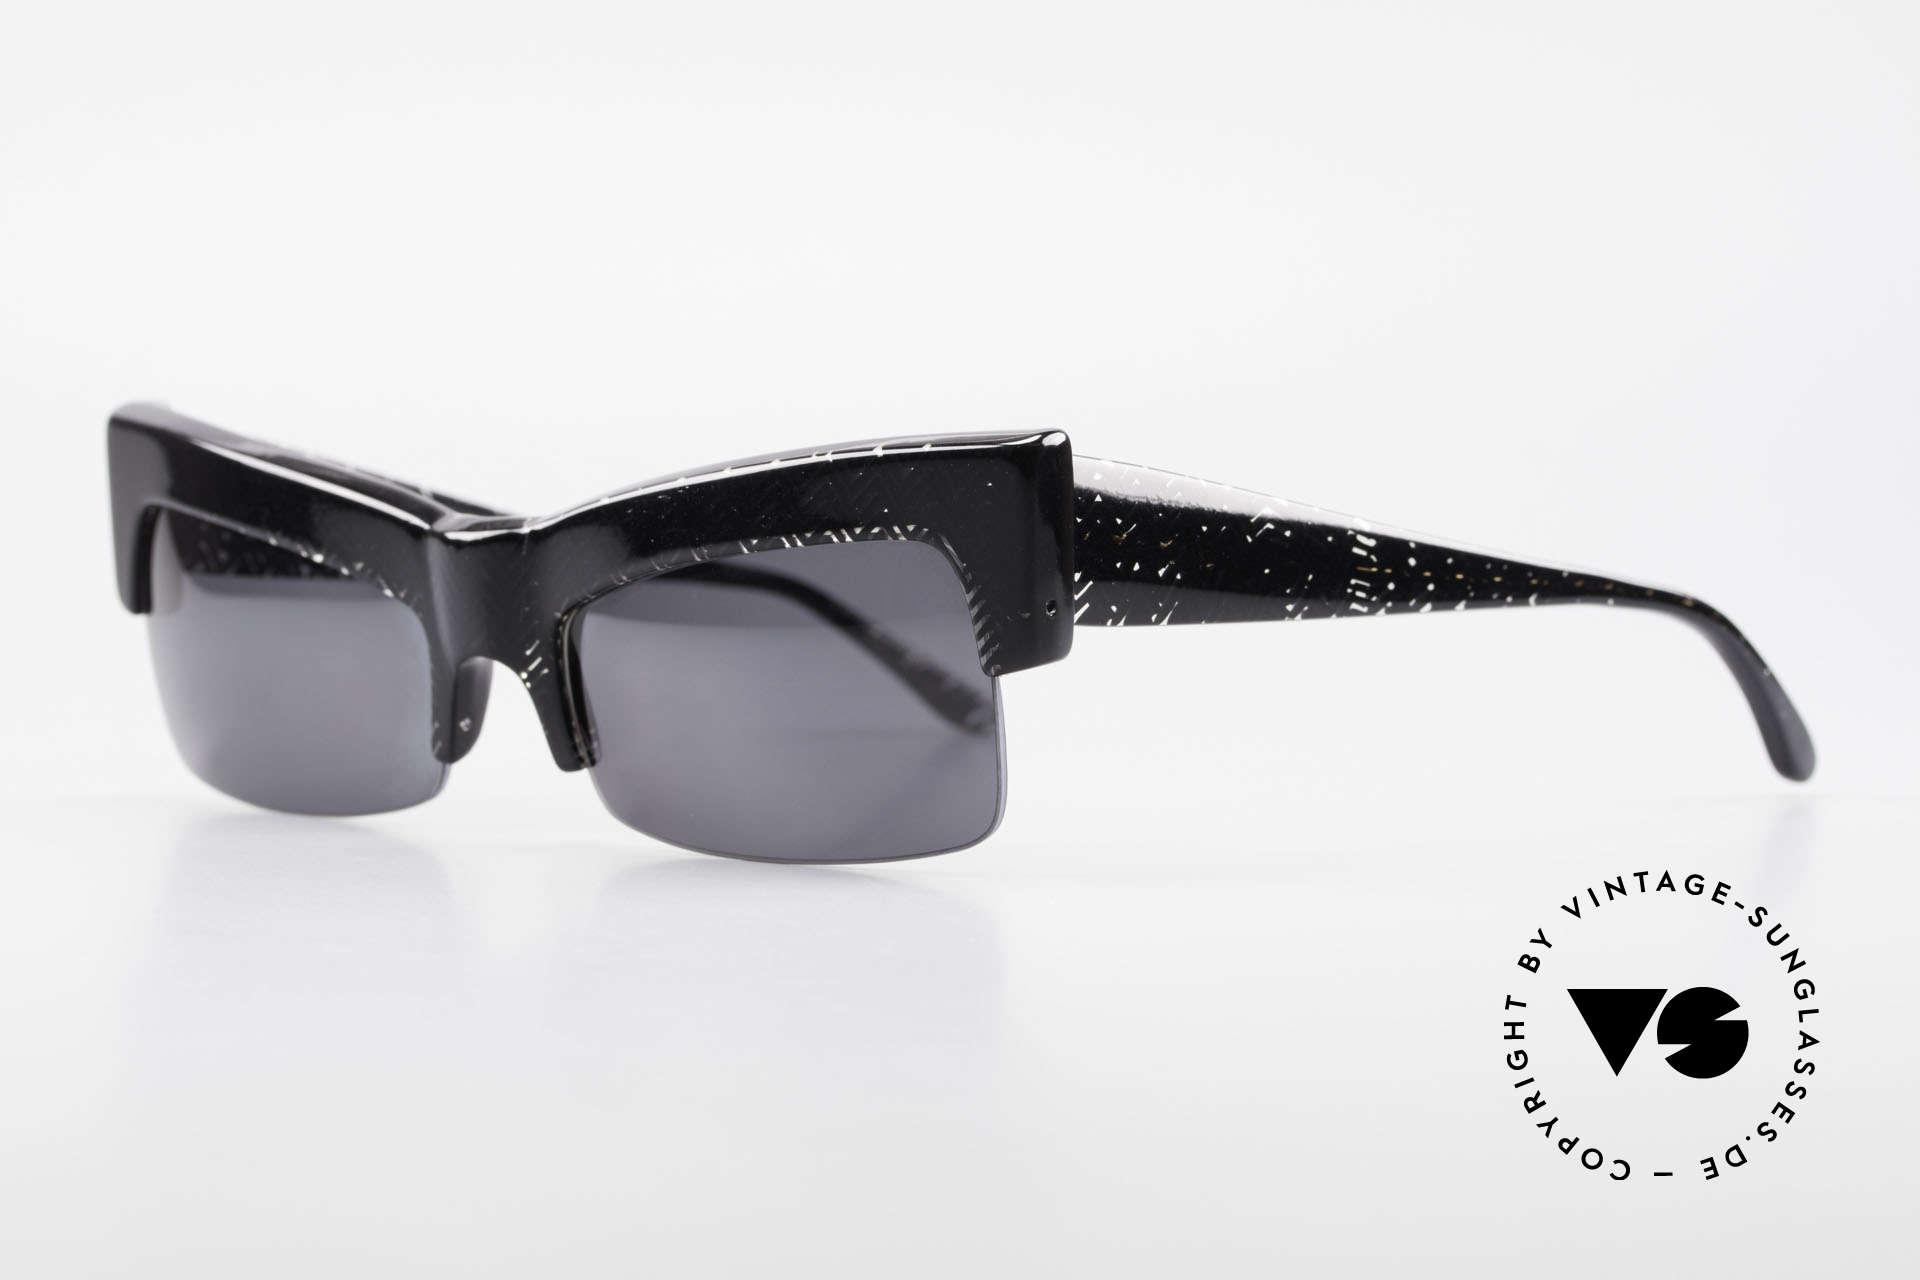 Claude Montana 522 80er Design Von Alain Mikli, auch diese Rarität ist prächtig gemacht, Eye-Catcher!, Passend für Damen